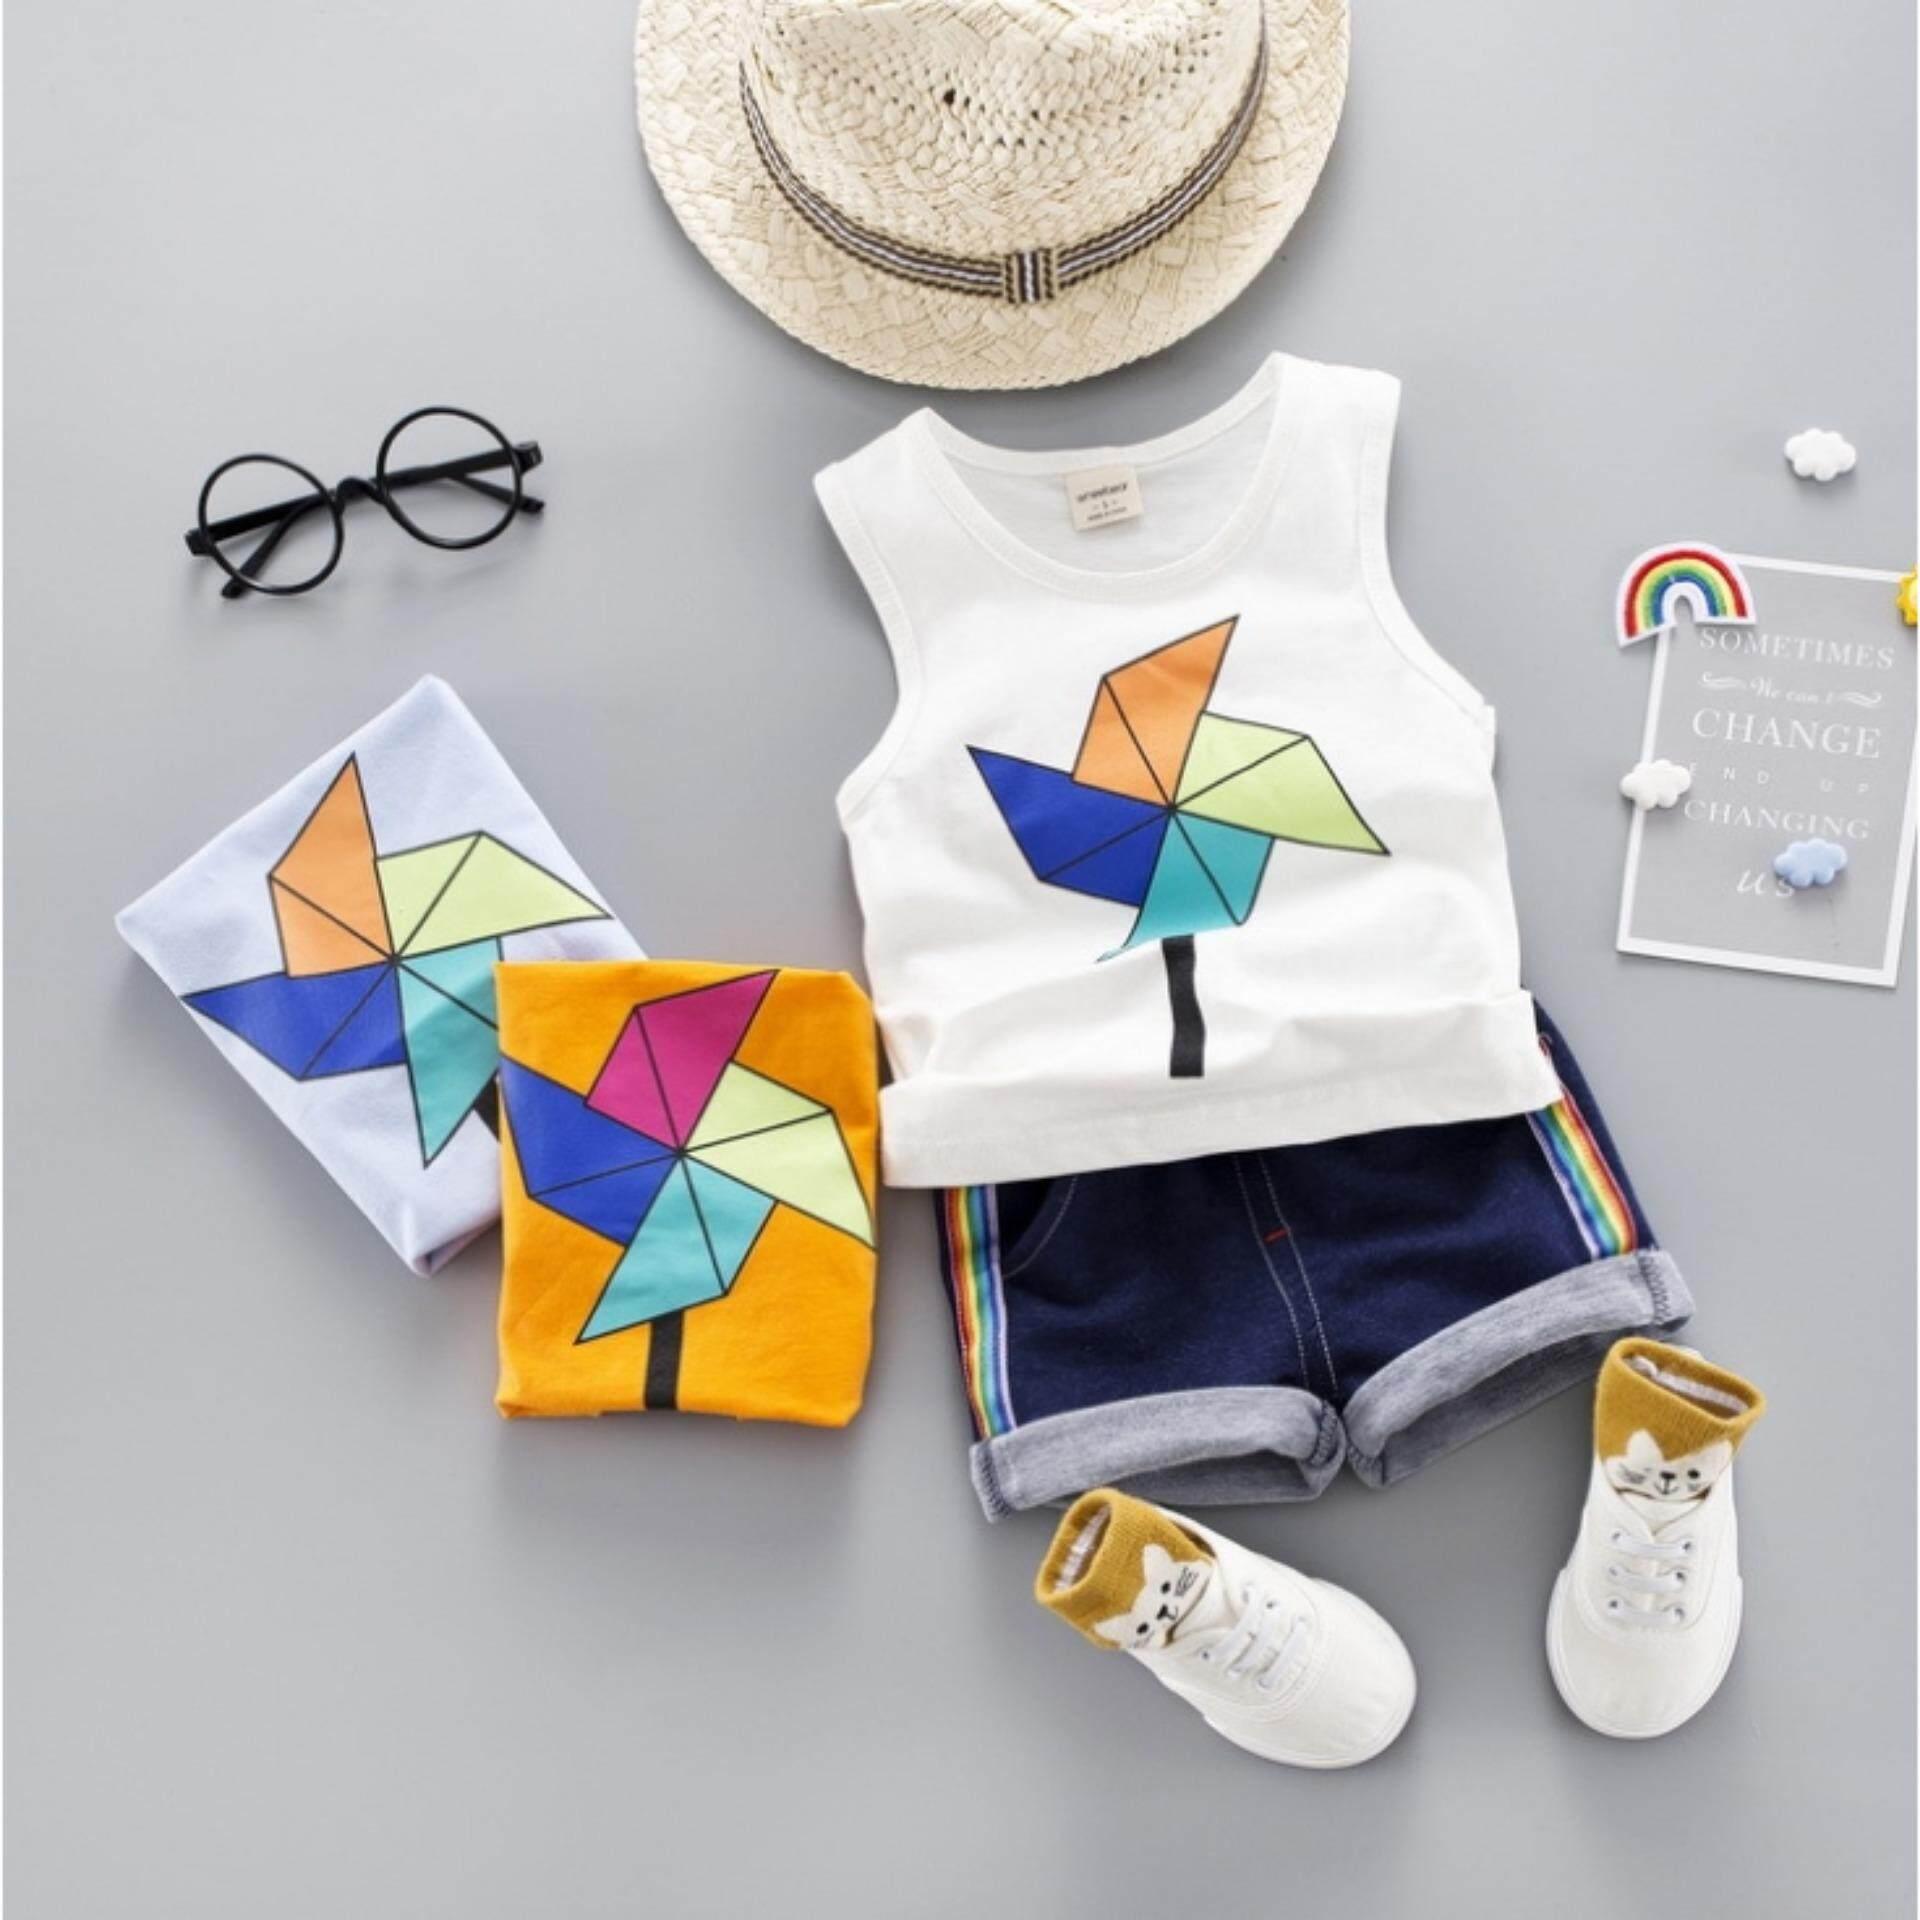 เสื้อกล้าม+กางเกง ลายกังหันสุดน่ารัก Kids Clothes ผ้านุ่มใส่สบาย ไซส์ 70-140 ซม./6 เดือน-10 ปี By Kid Clothes In Thailand.